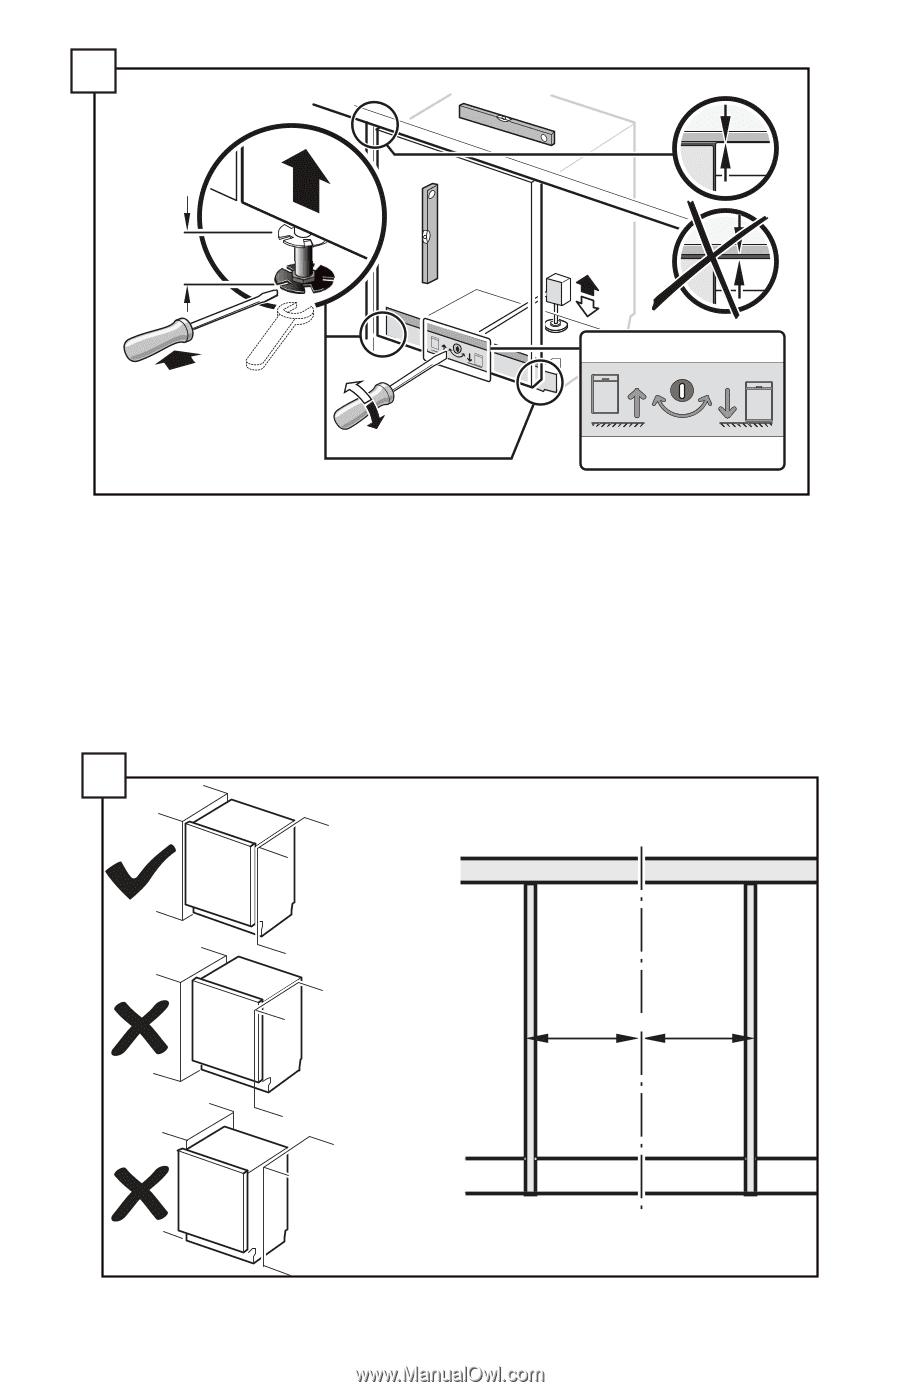 Bosch dibos installation Manual